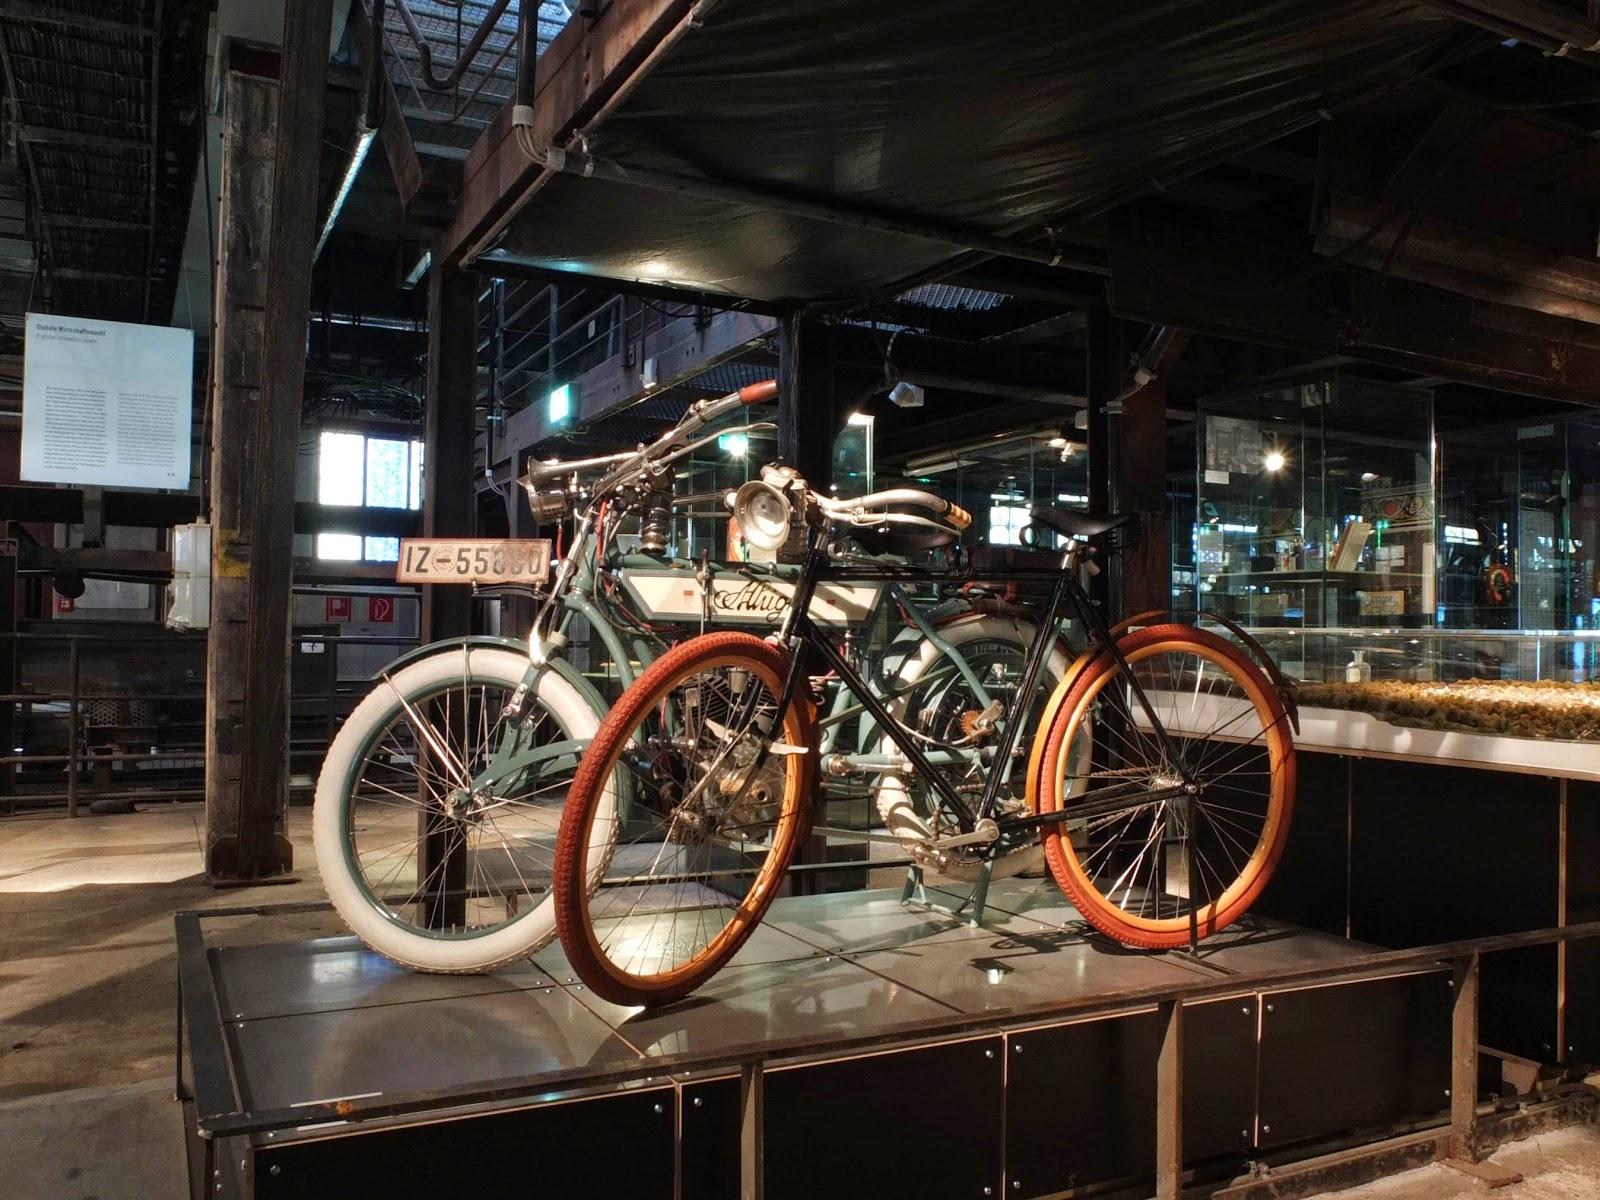 historische Fahrräder aus der Zeit vor dem Ersten Weltkrieg